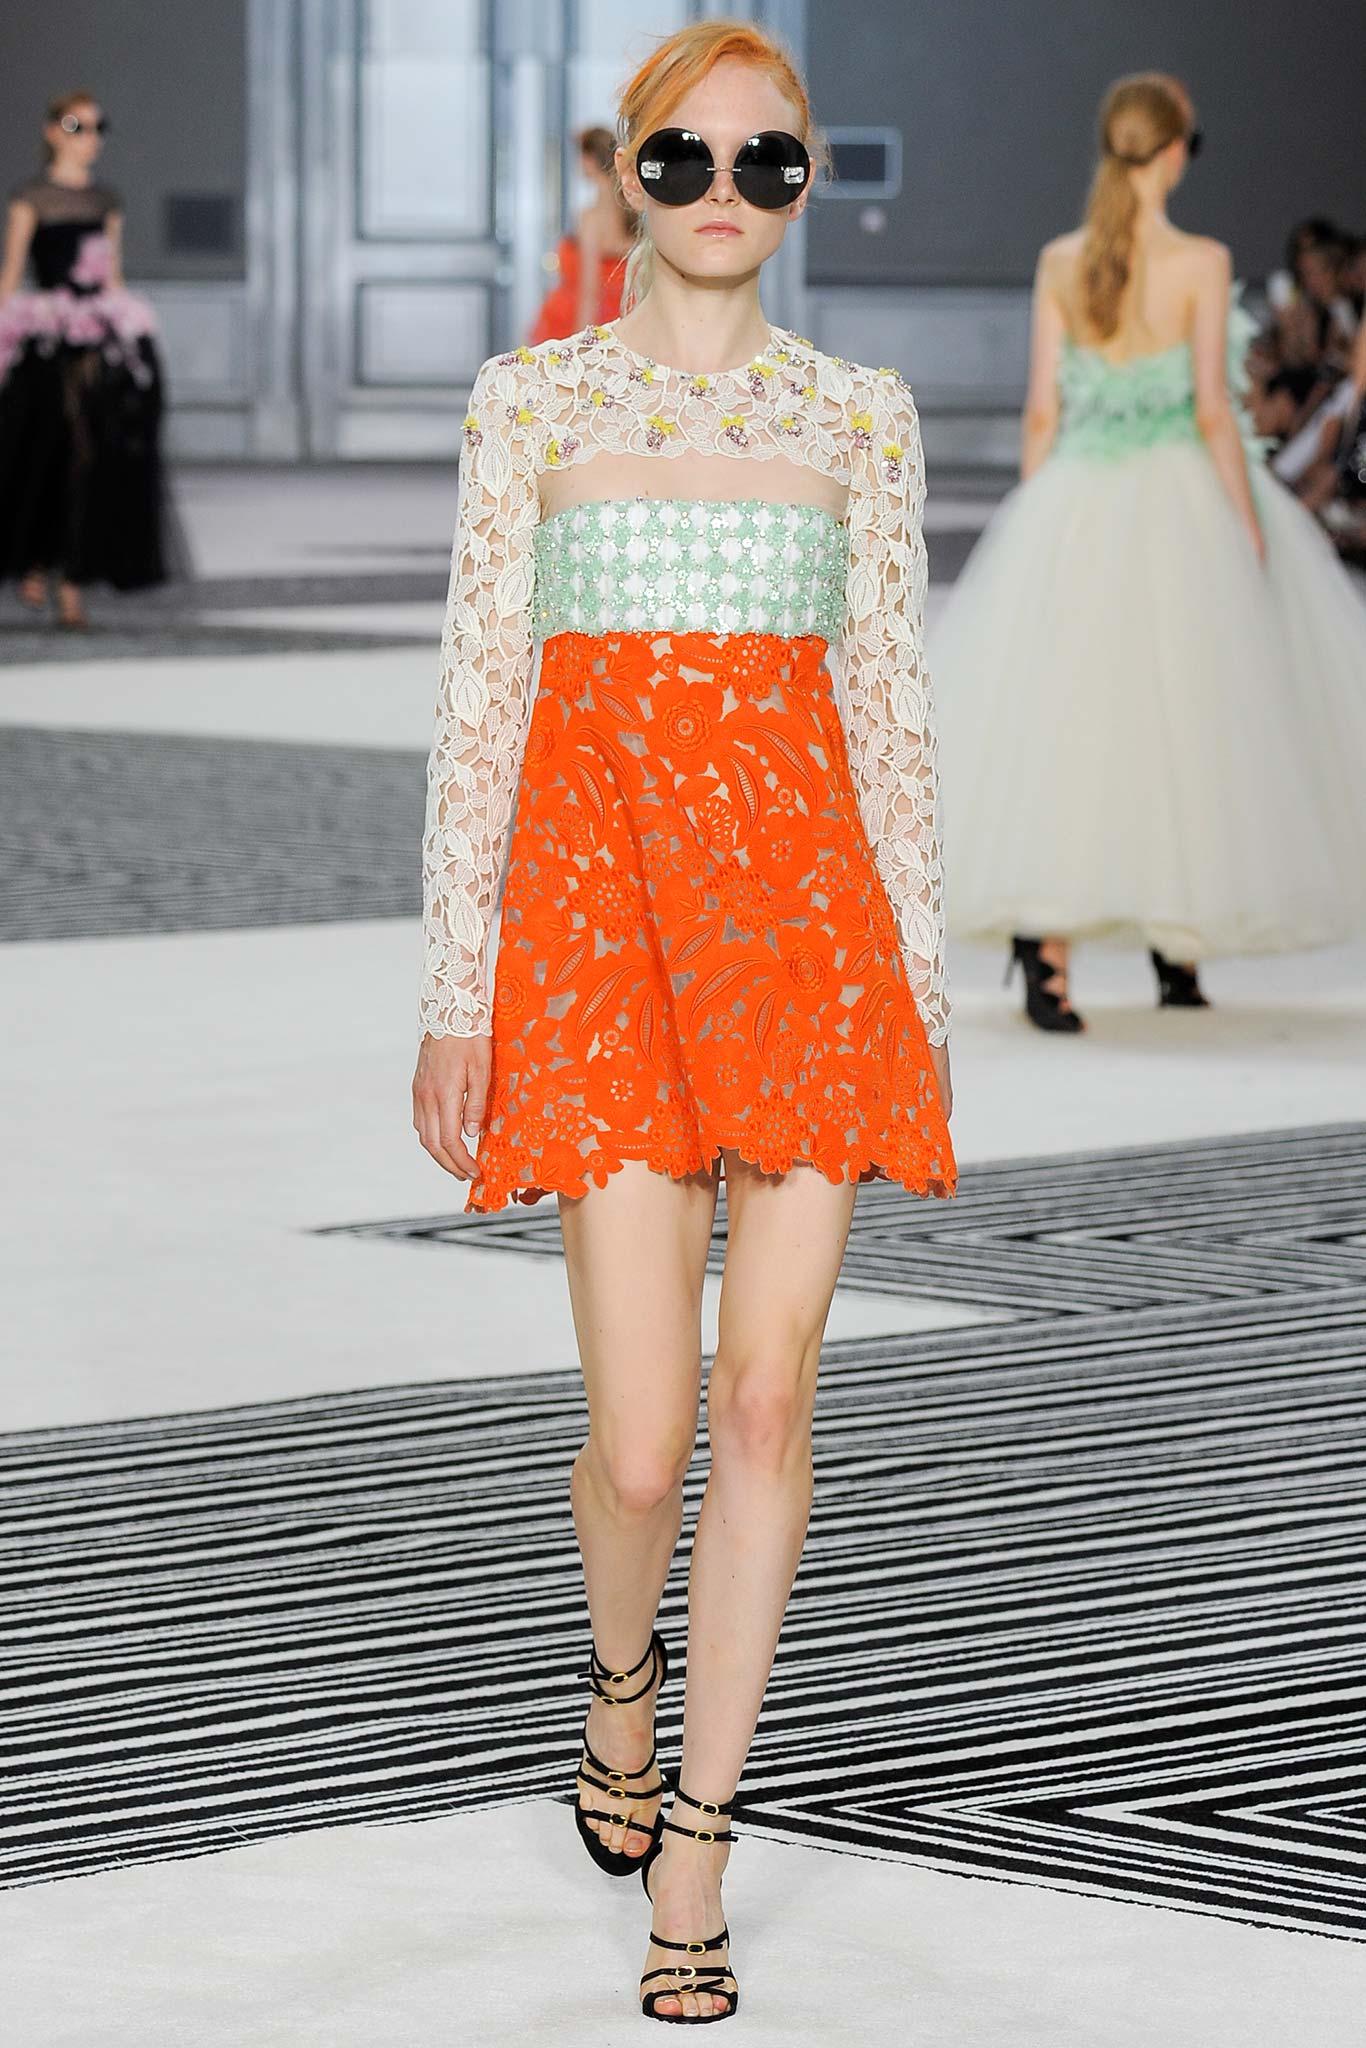 Giambattista Valli Haute Couture Herbst 2015 Kollektion